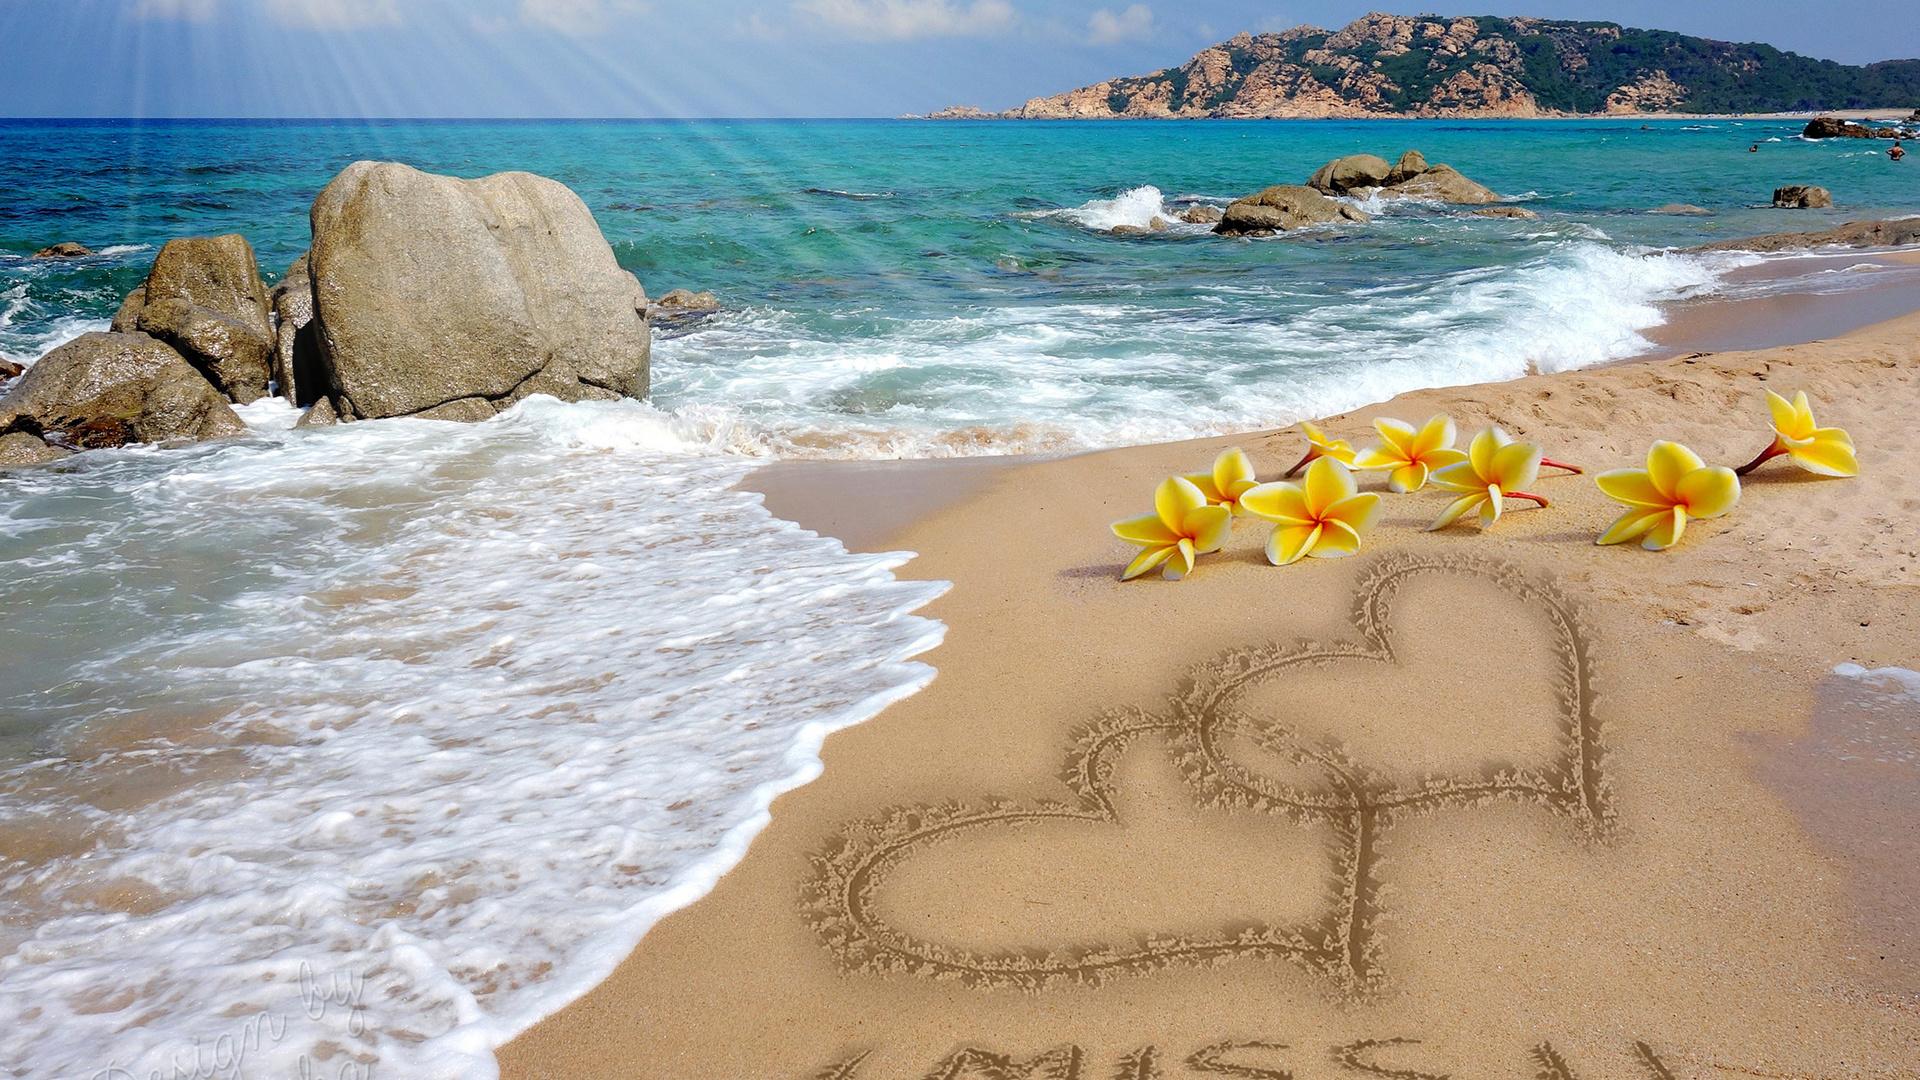 также открытки цветы на берегу океана взять хотя просто